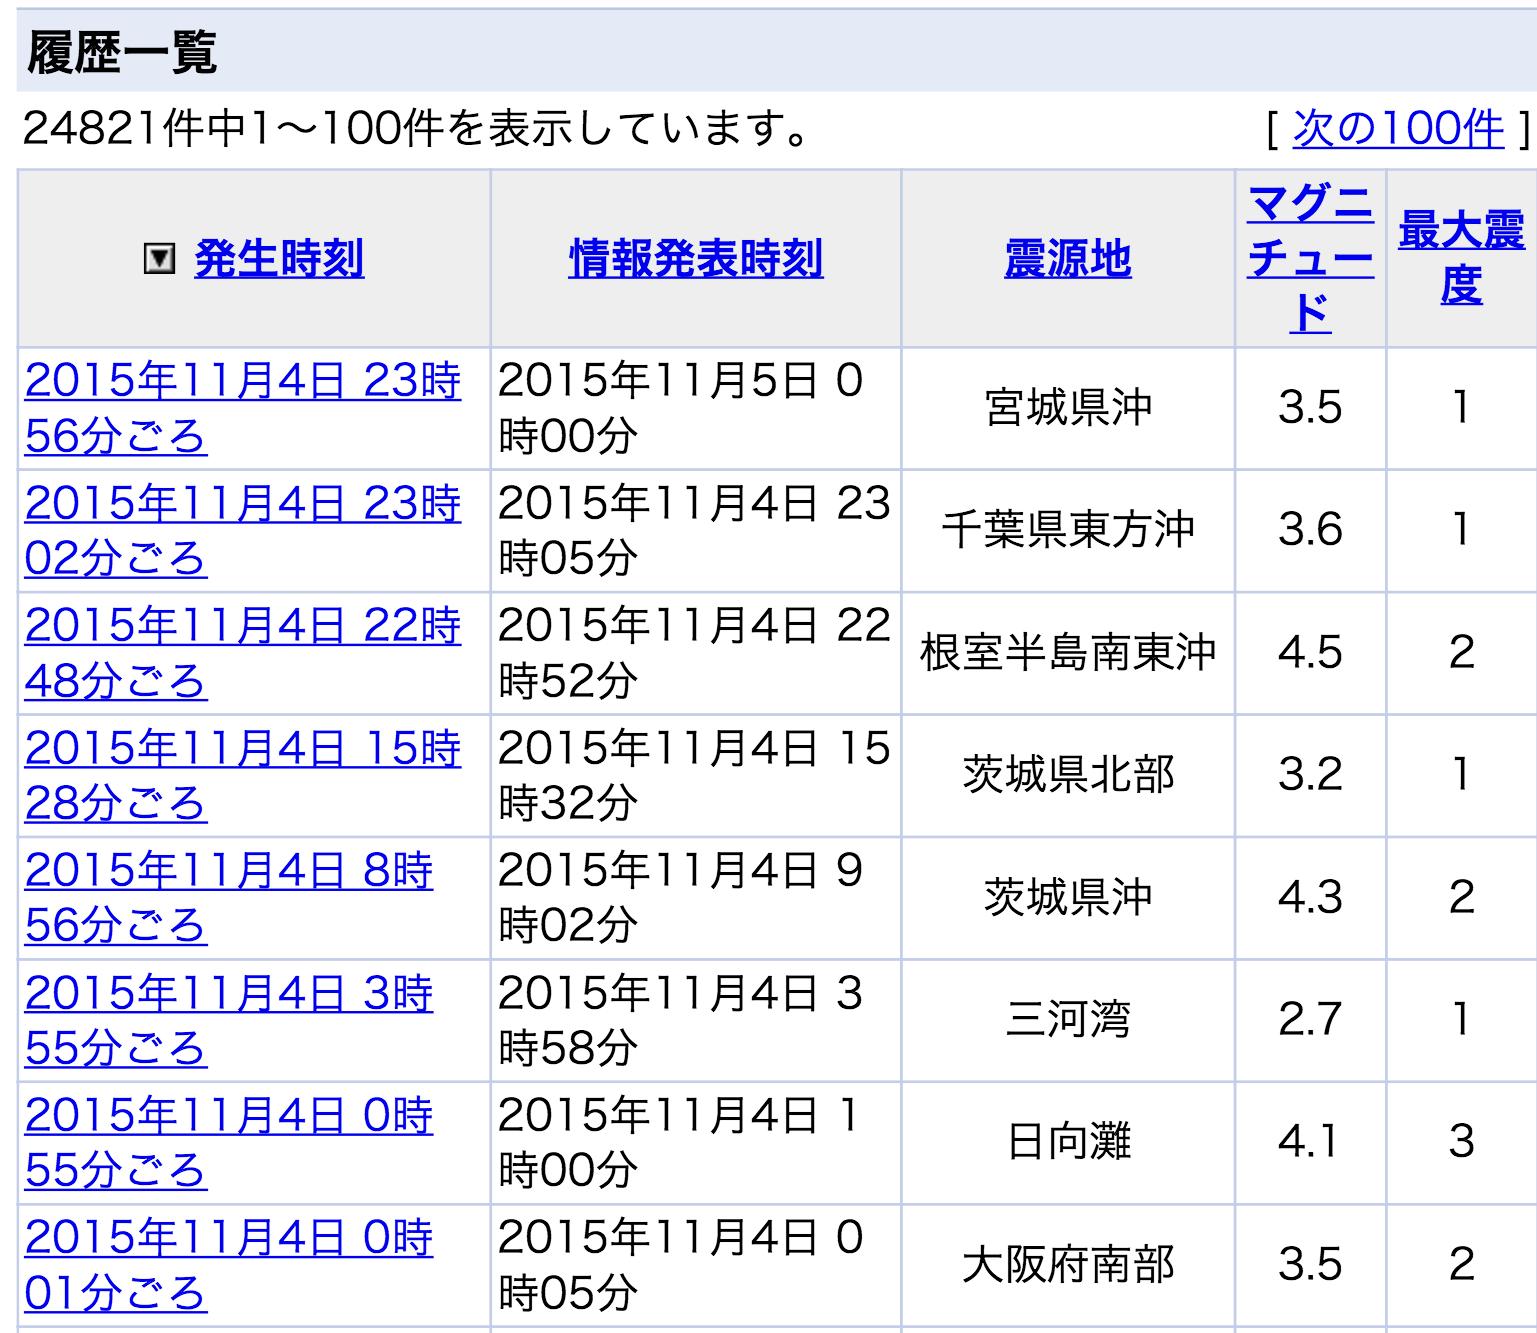 20151105本日地震